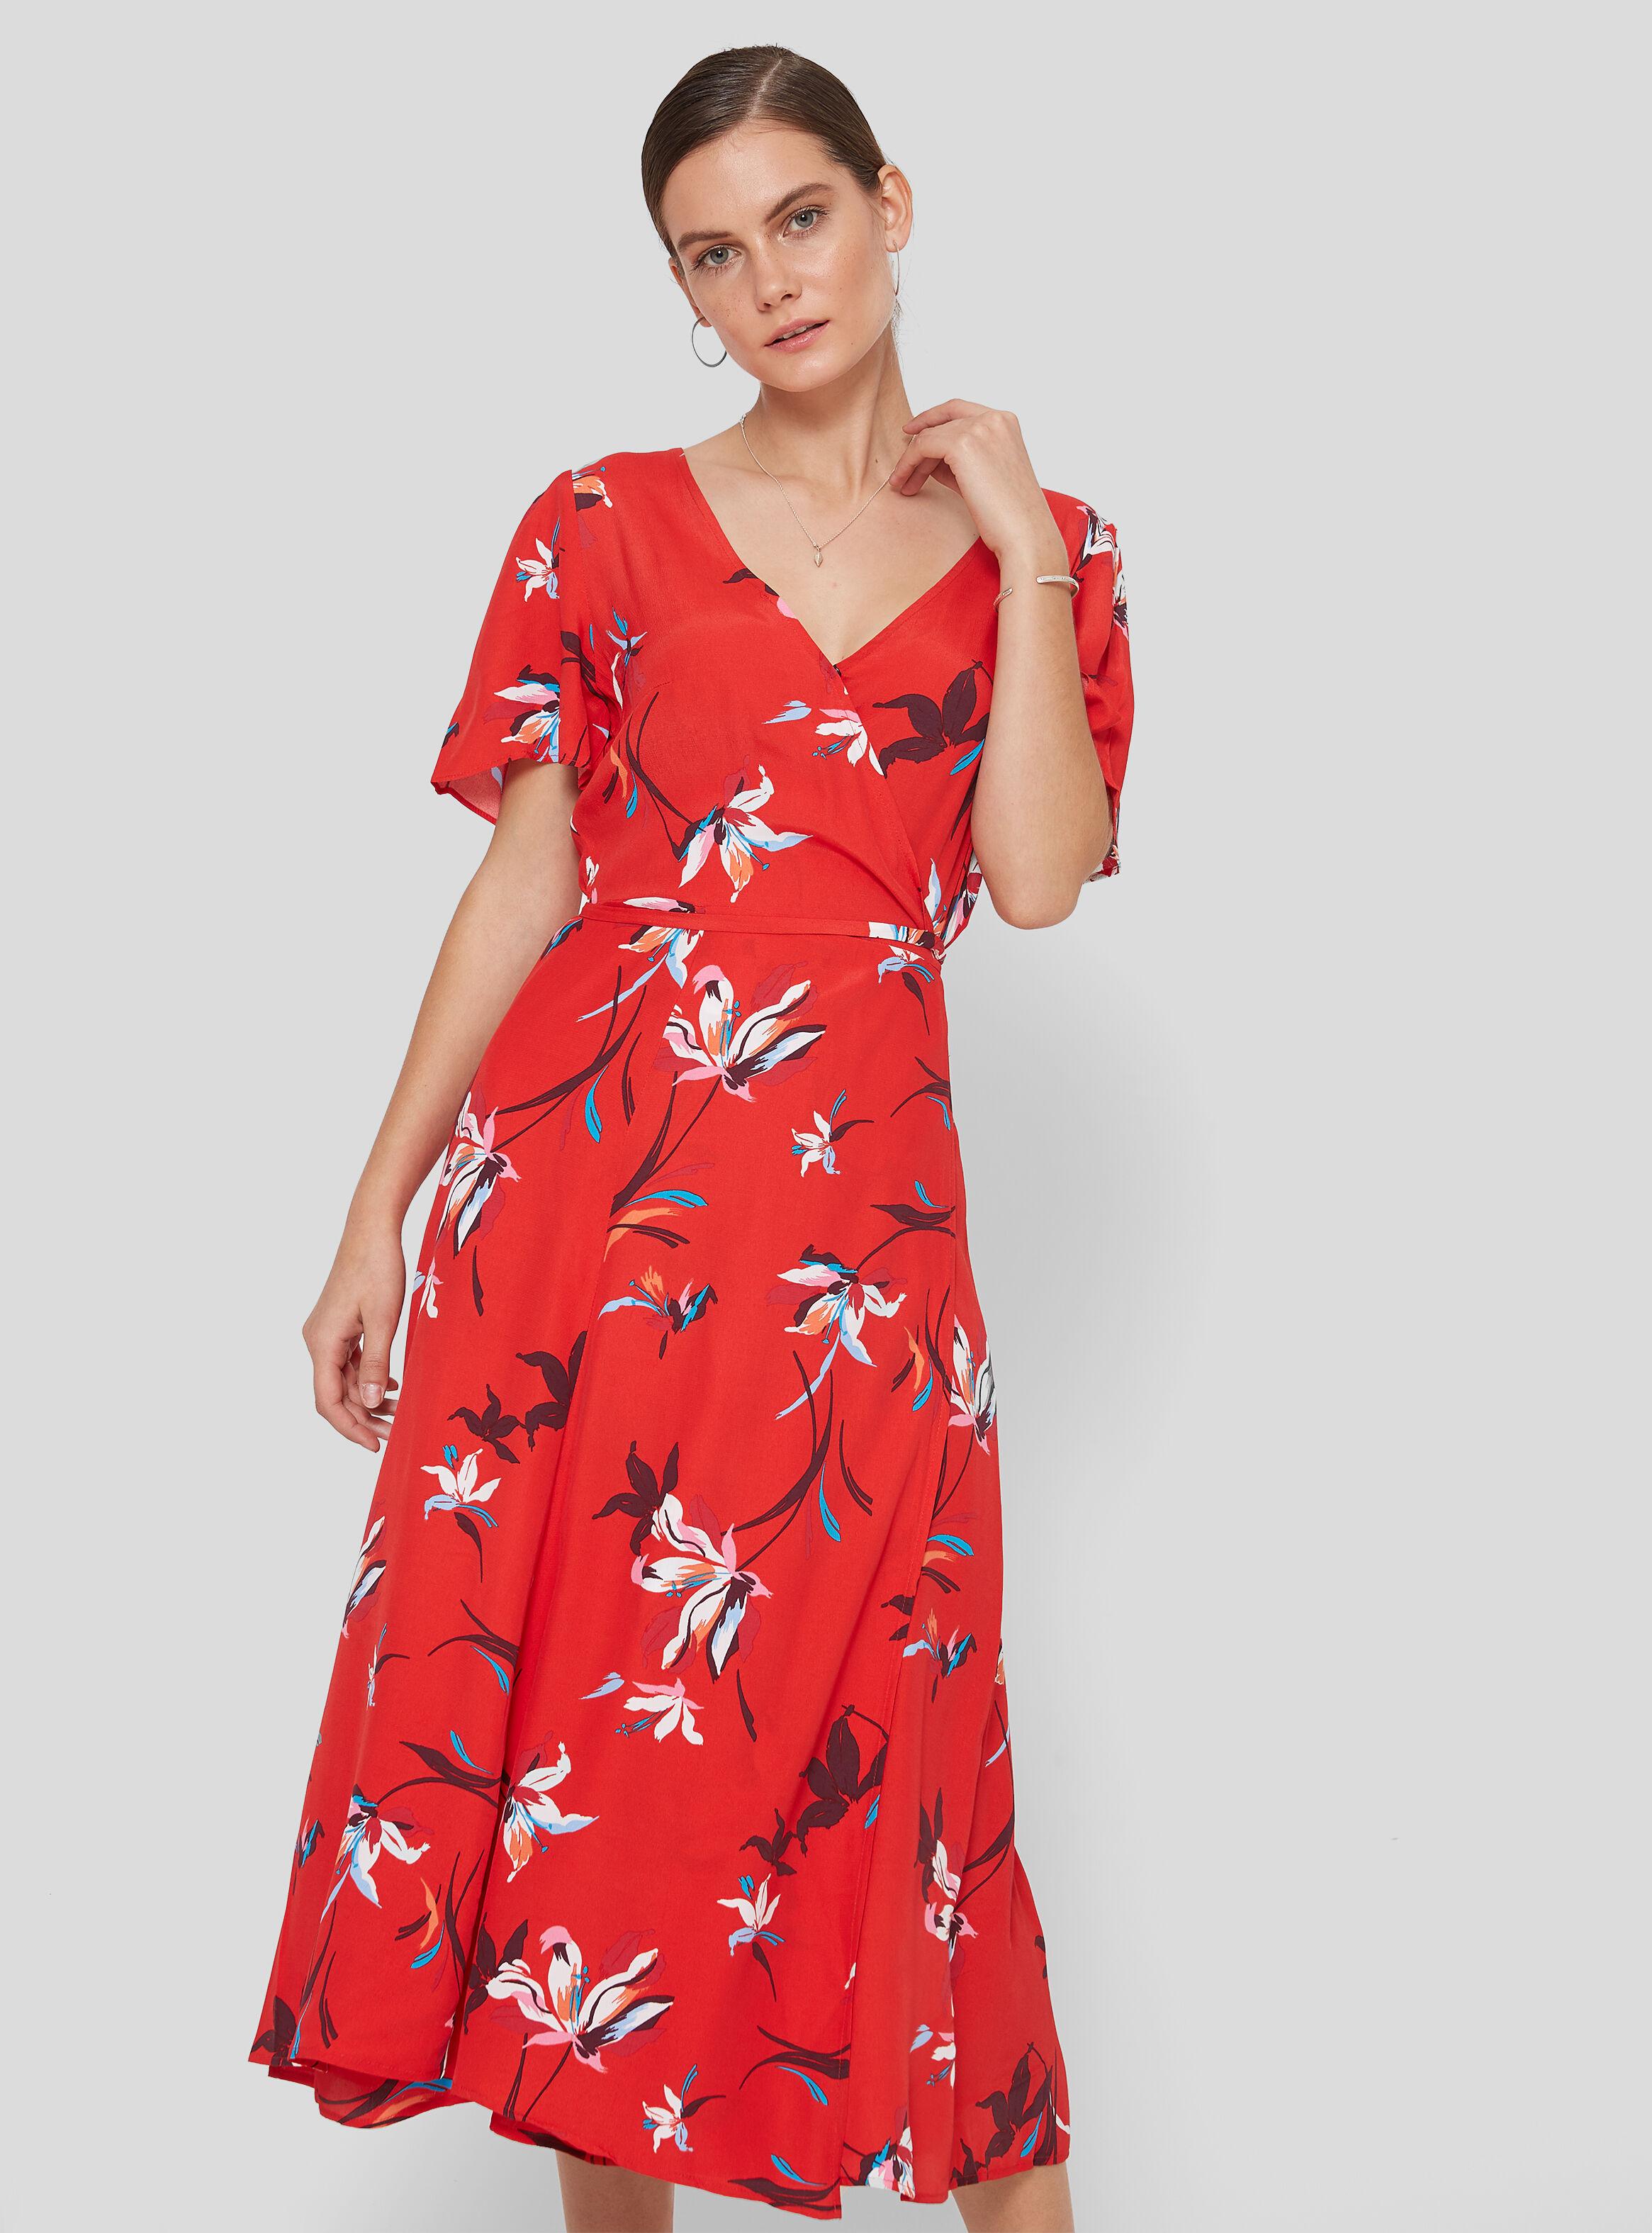 Vestido rojo corto pegado al cuerpo